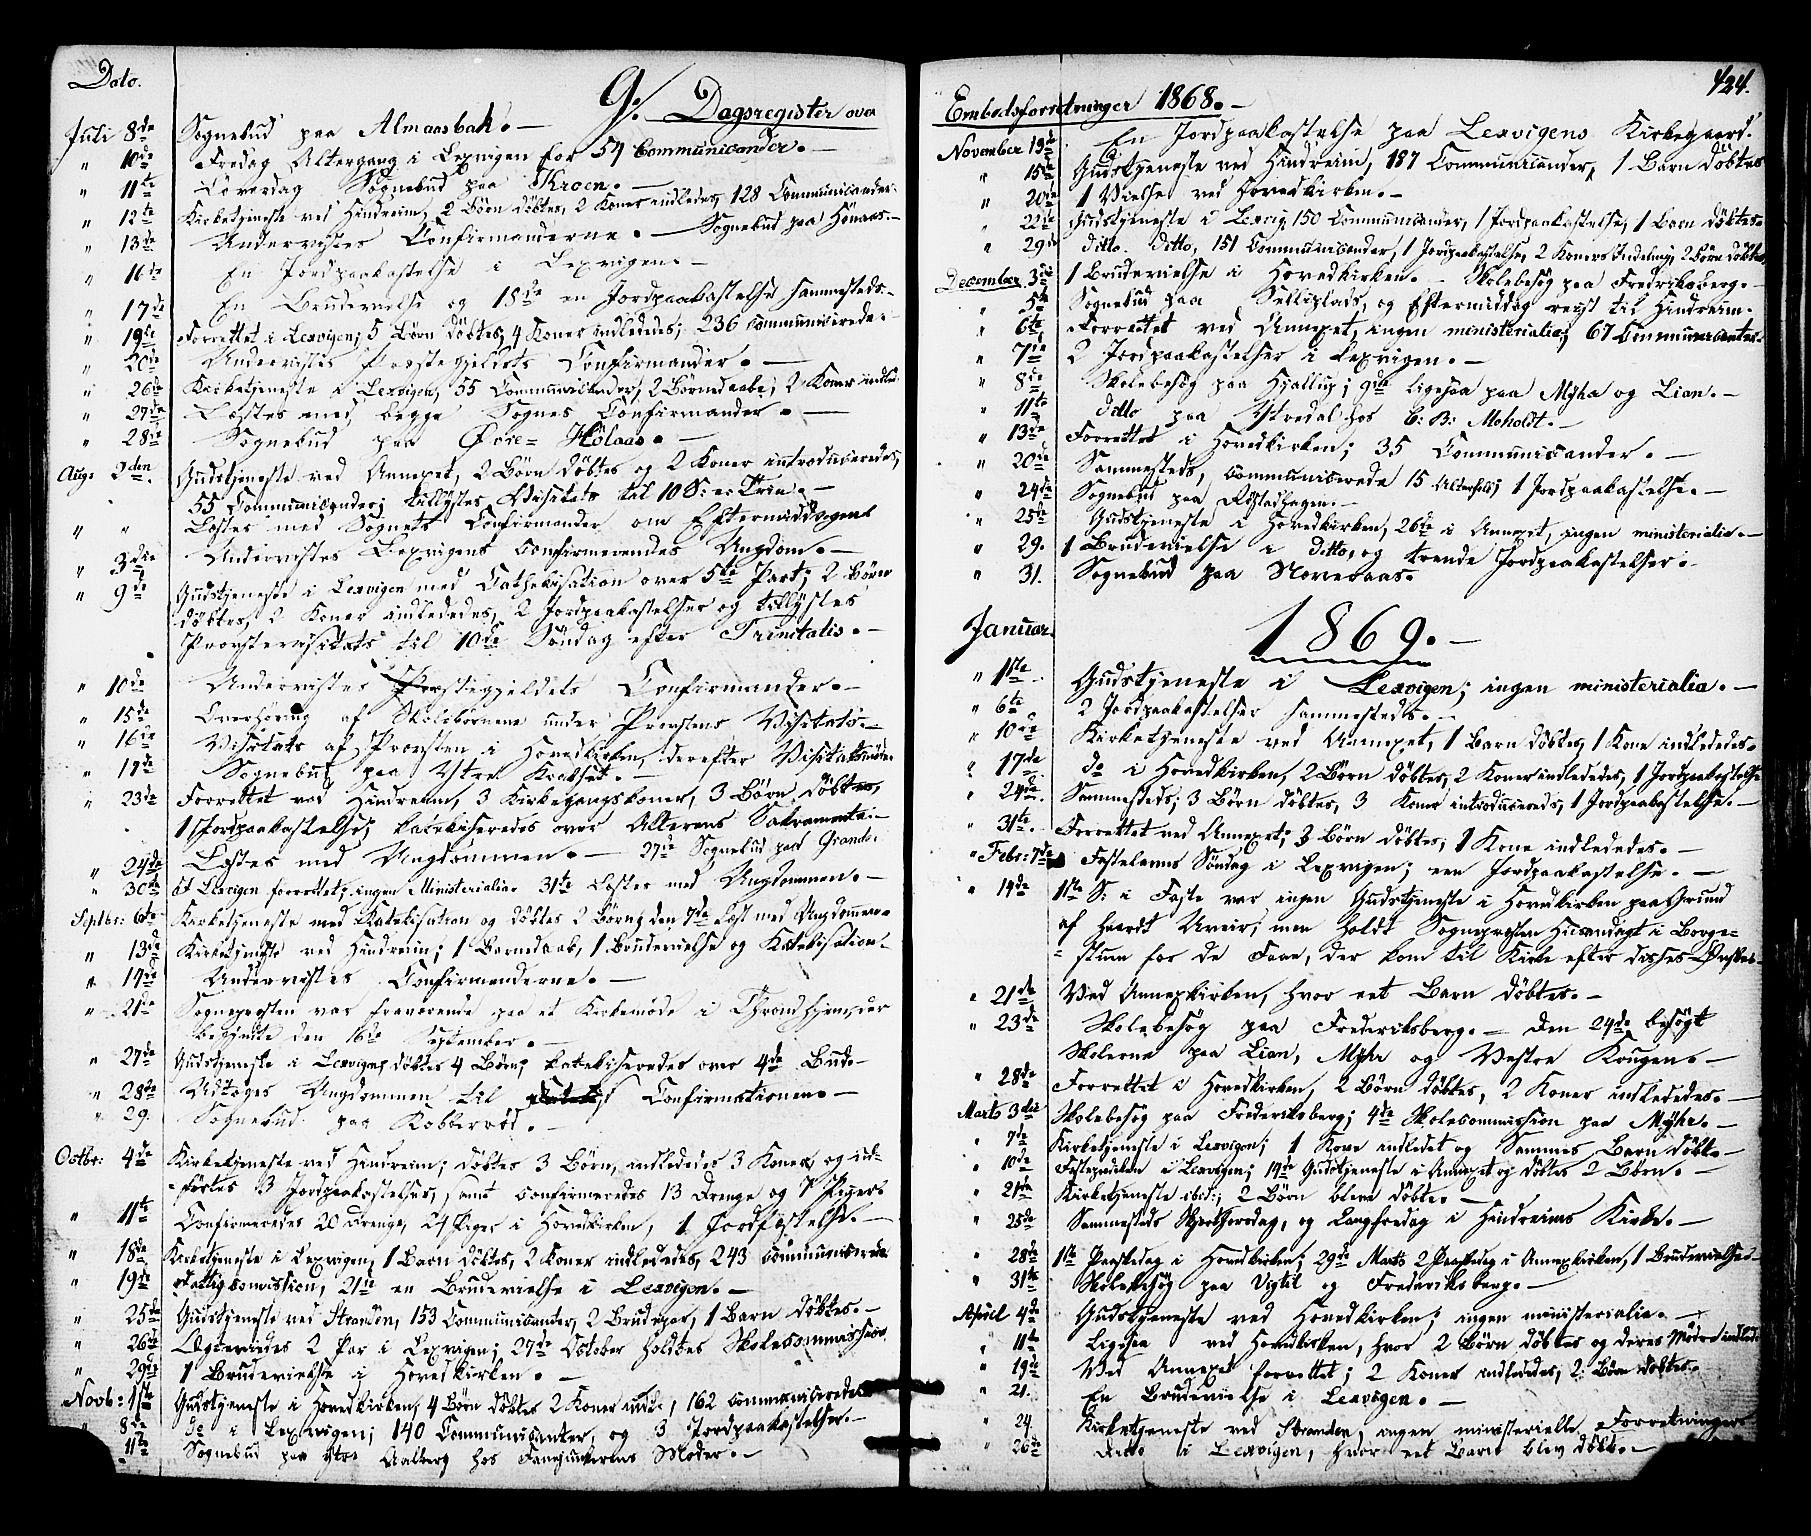 SAT, Ministerialprotokoller, klokkerbøker og fødselsregistre - Nord-Trøndelag, 701/L0009: Ministerialbok nr. 701A09 /1, 1864-1882, s. 424